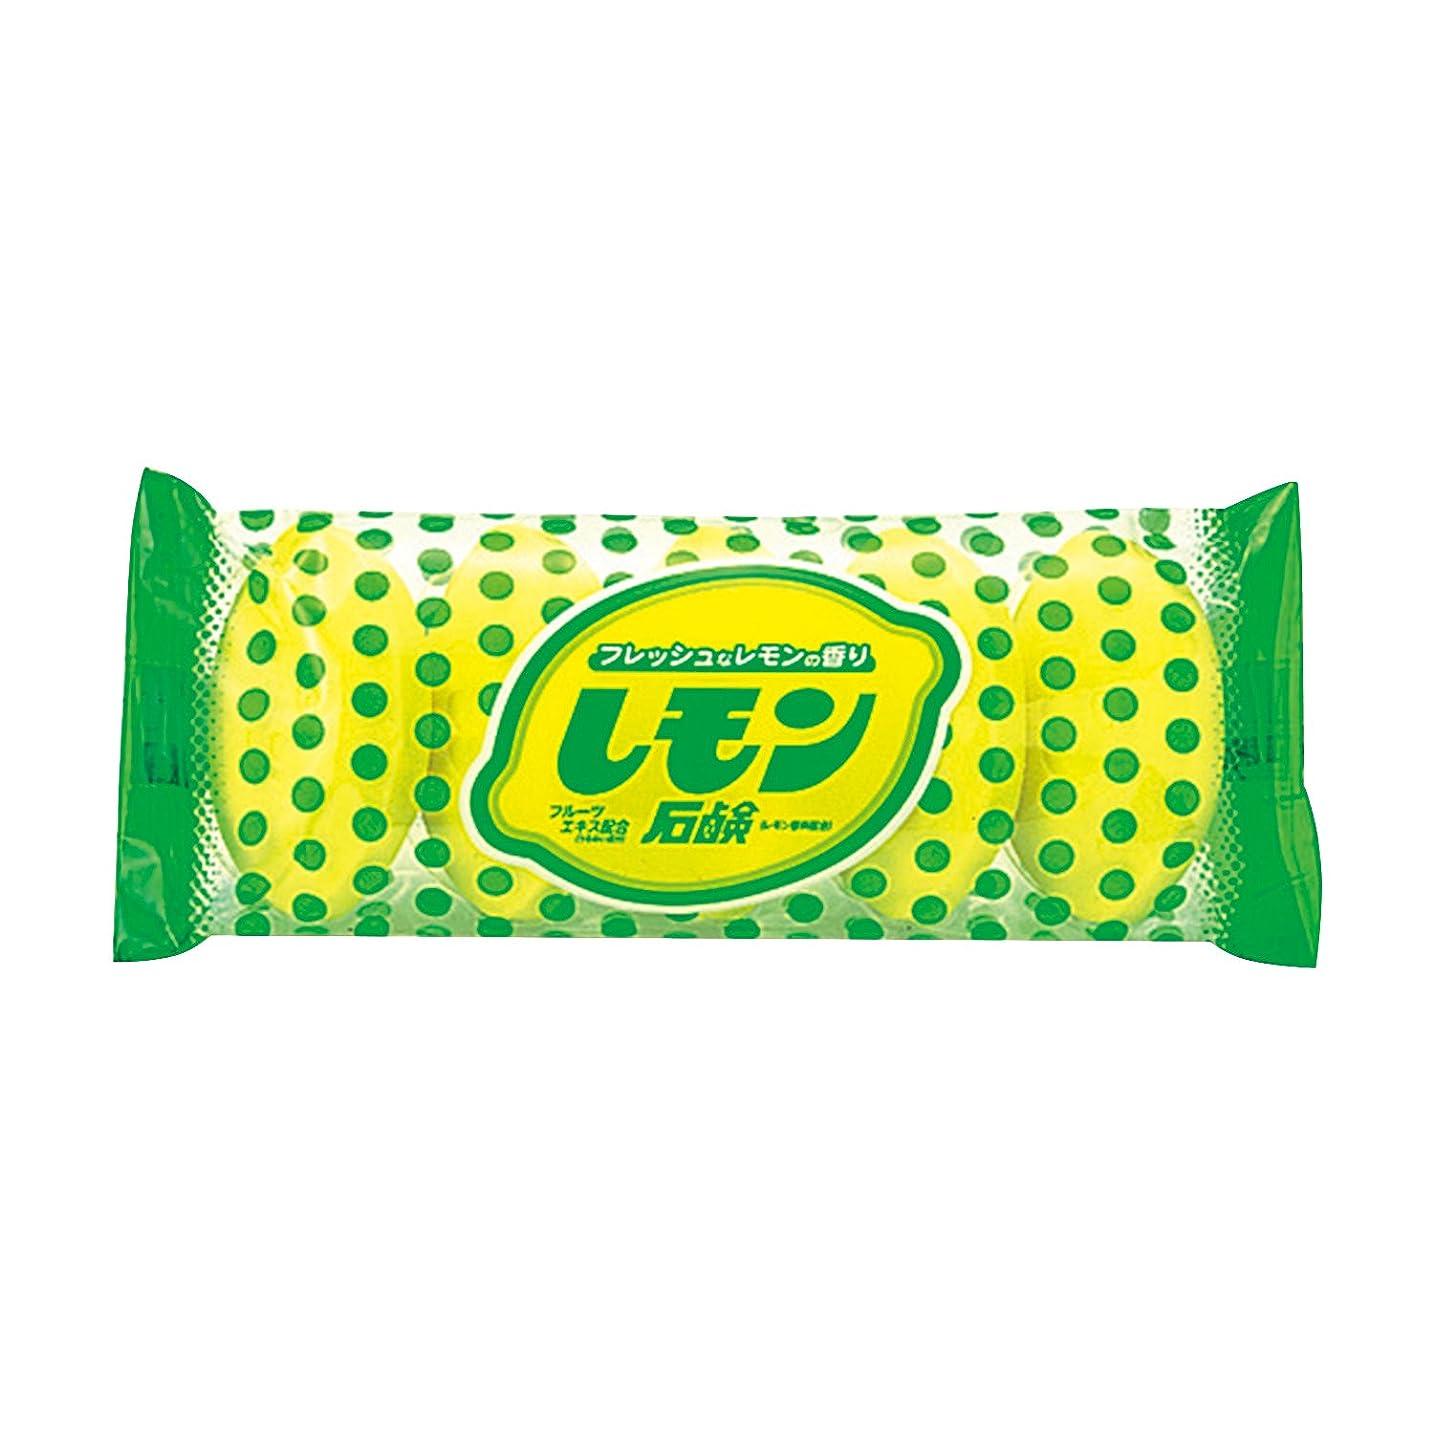 感覚レンド手順ニッサン 化粧石鹸 レモン 5個入り